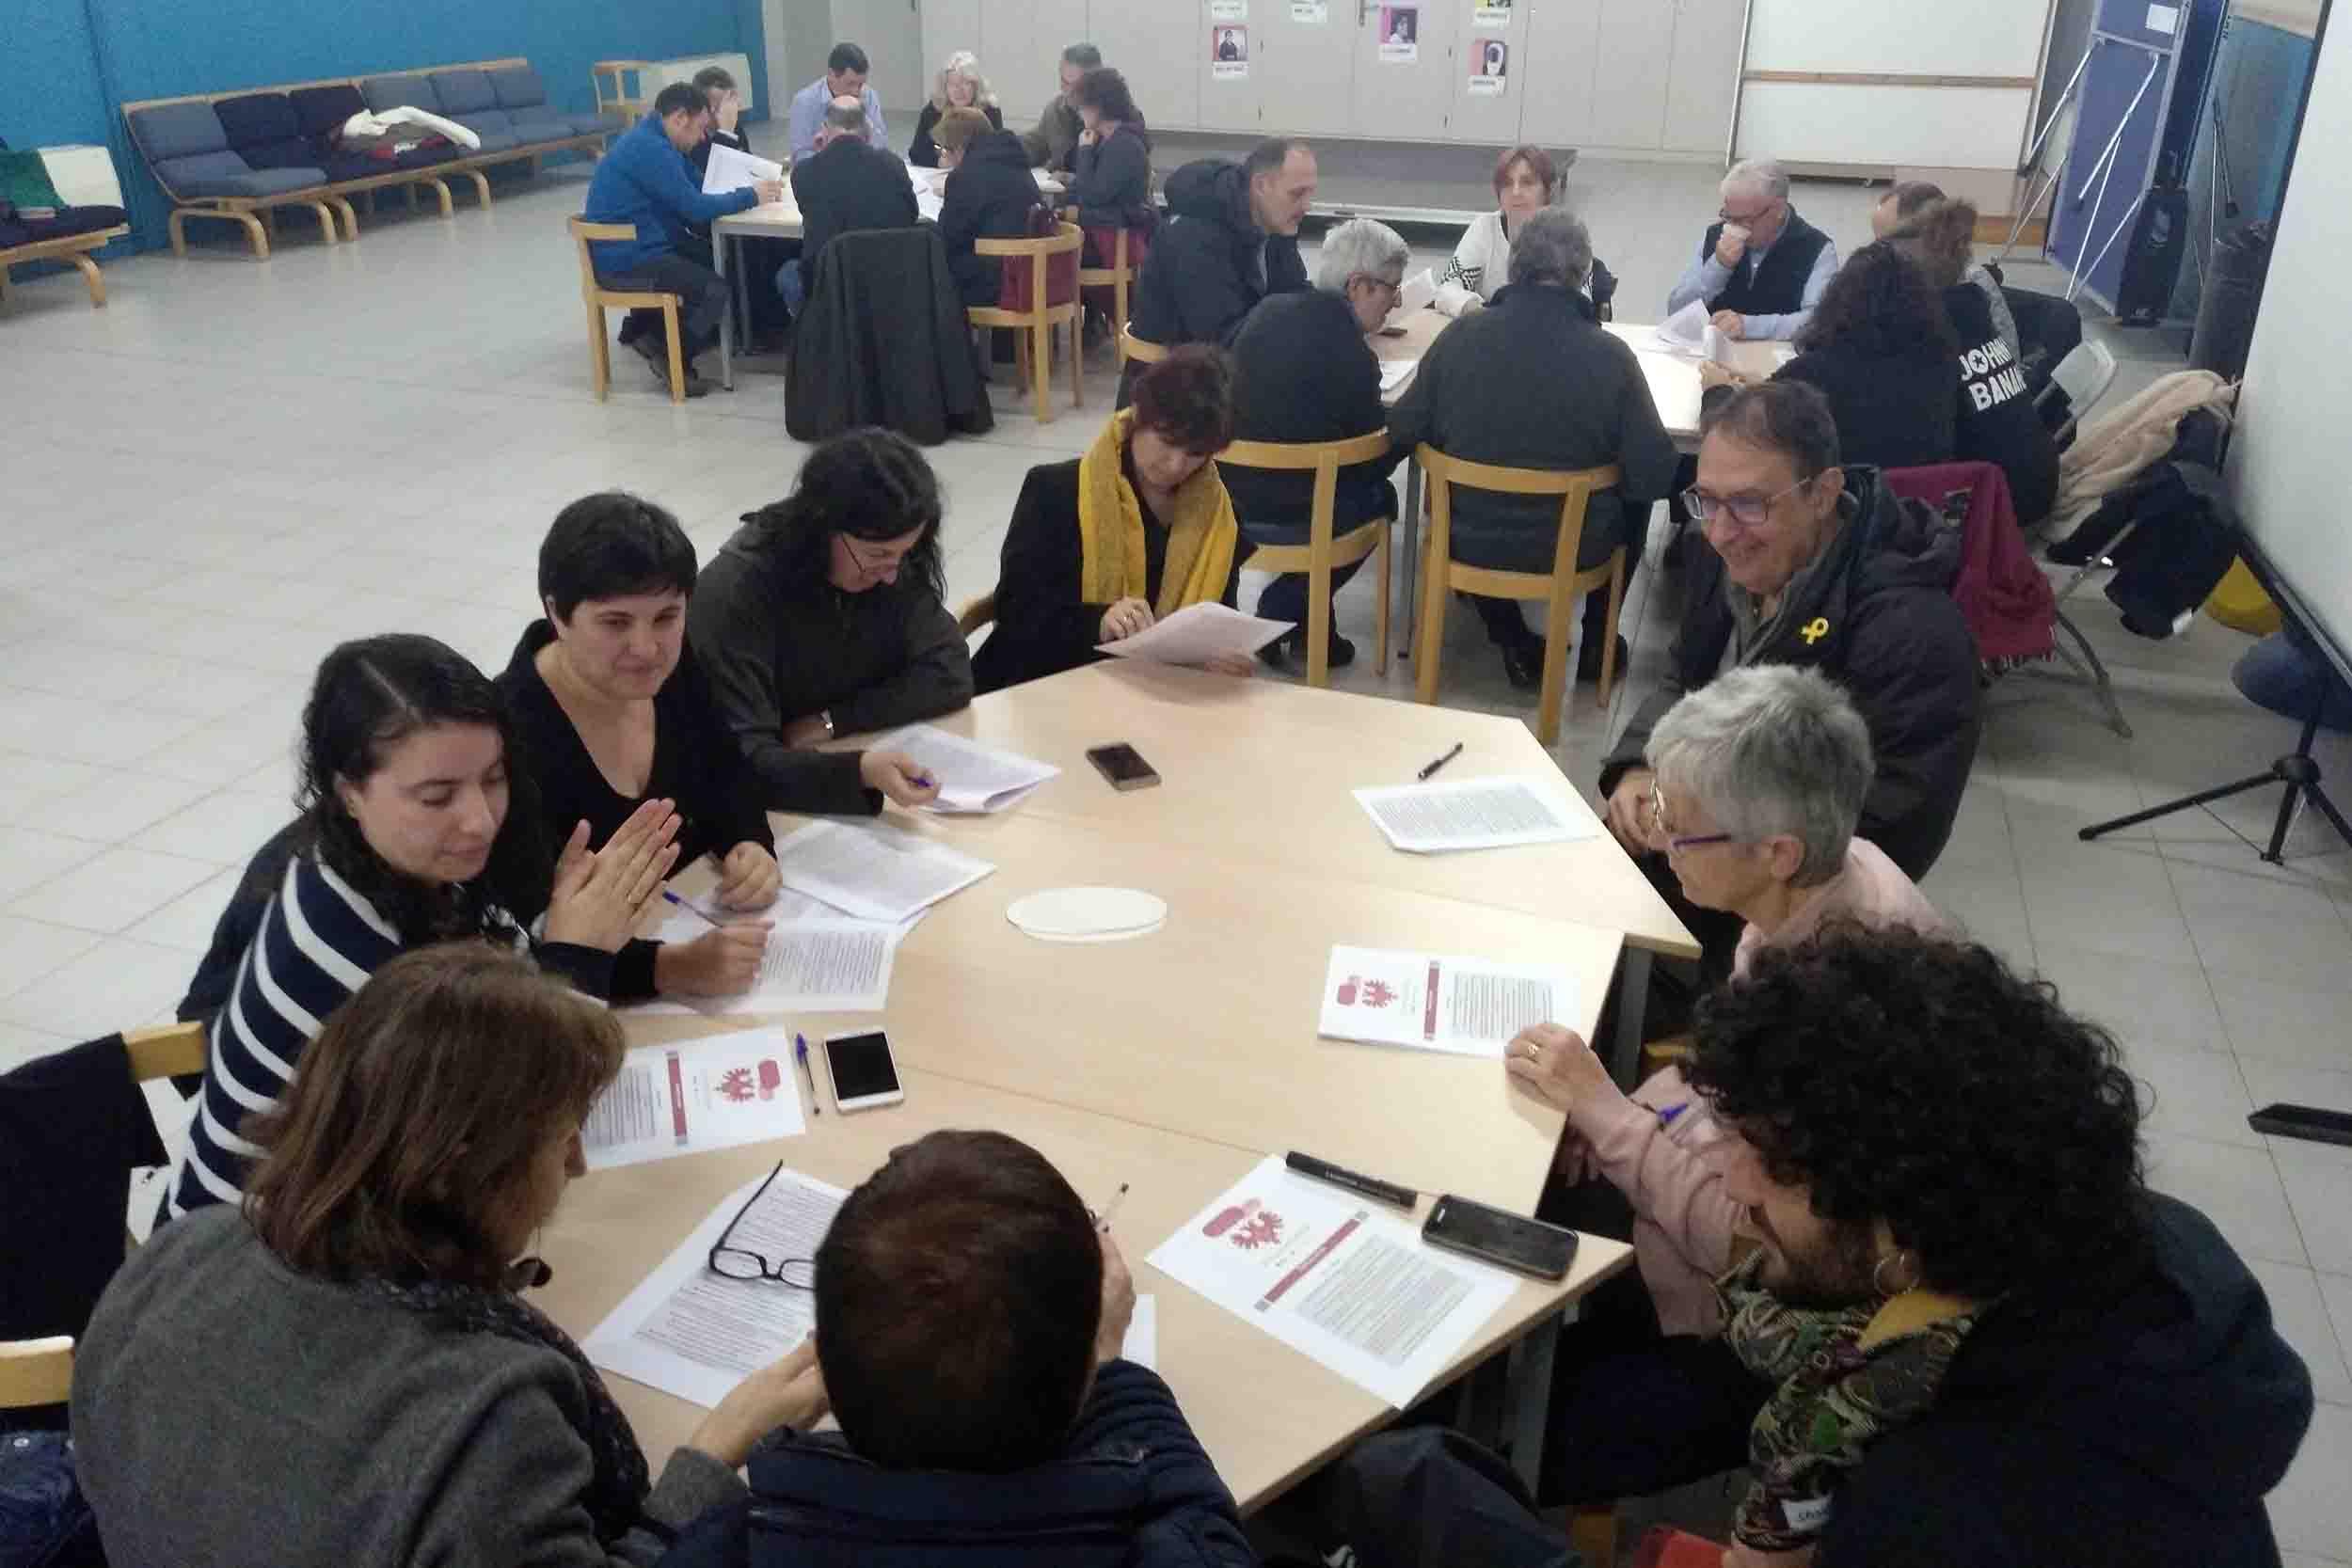 Tàrrega elegeix els dotze projectes que es duran a la votació final del procés de pressupostos participatius